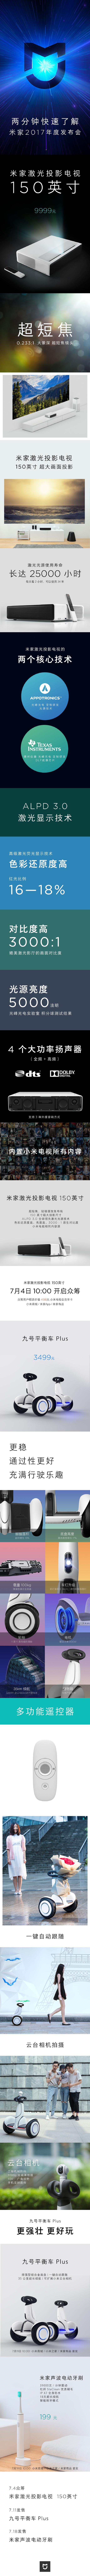 小米生态链旗舰新品发布:米家激光电视,售价9999元的照片 - 4